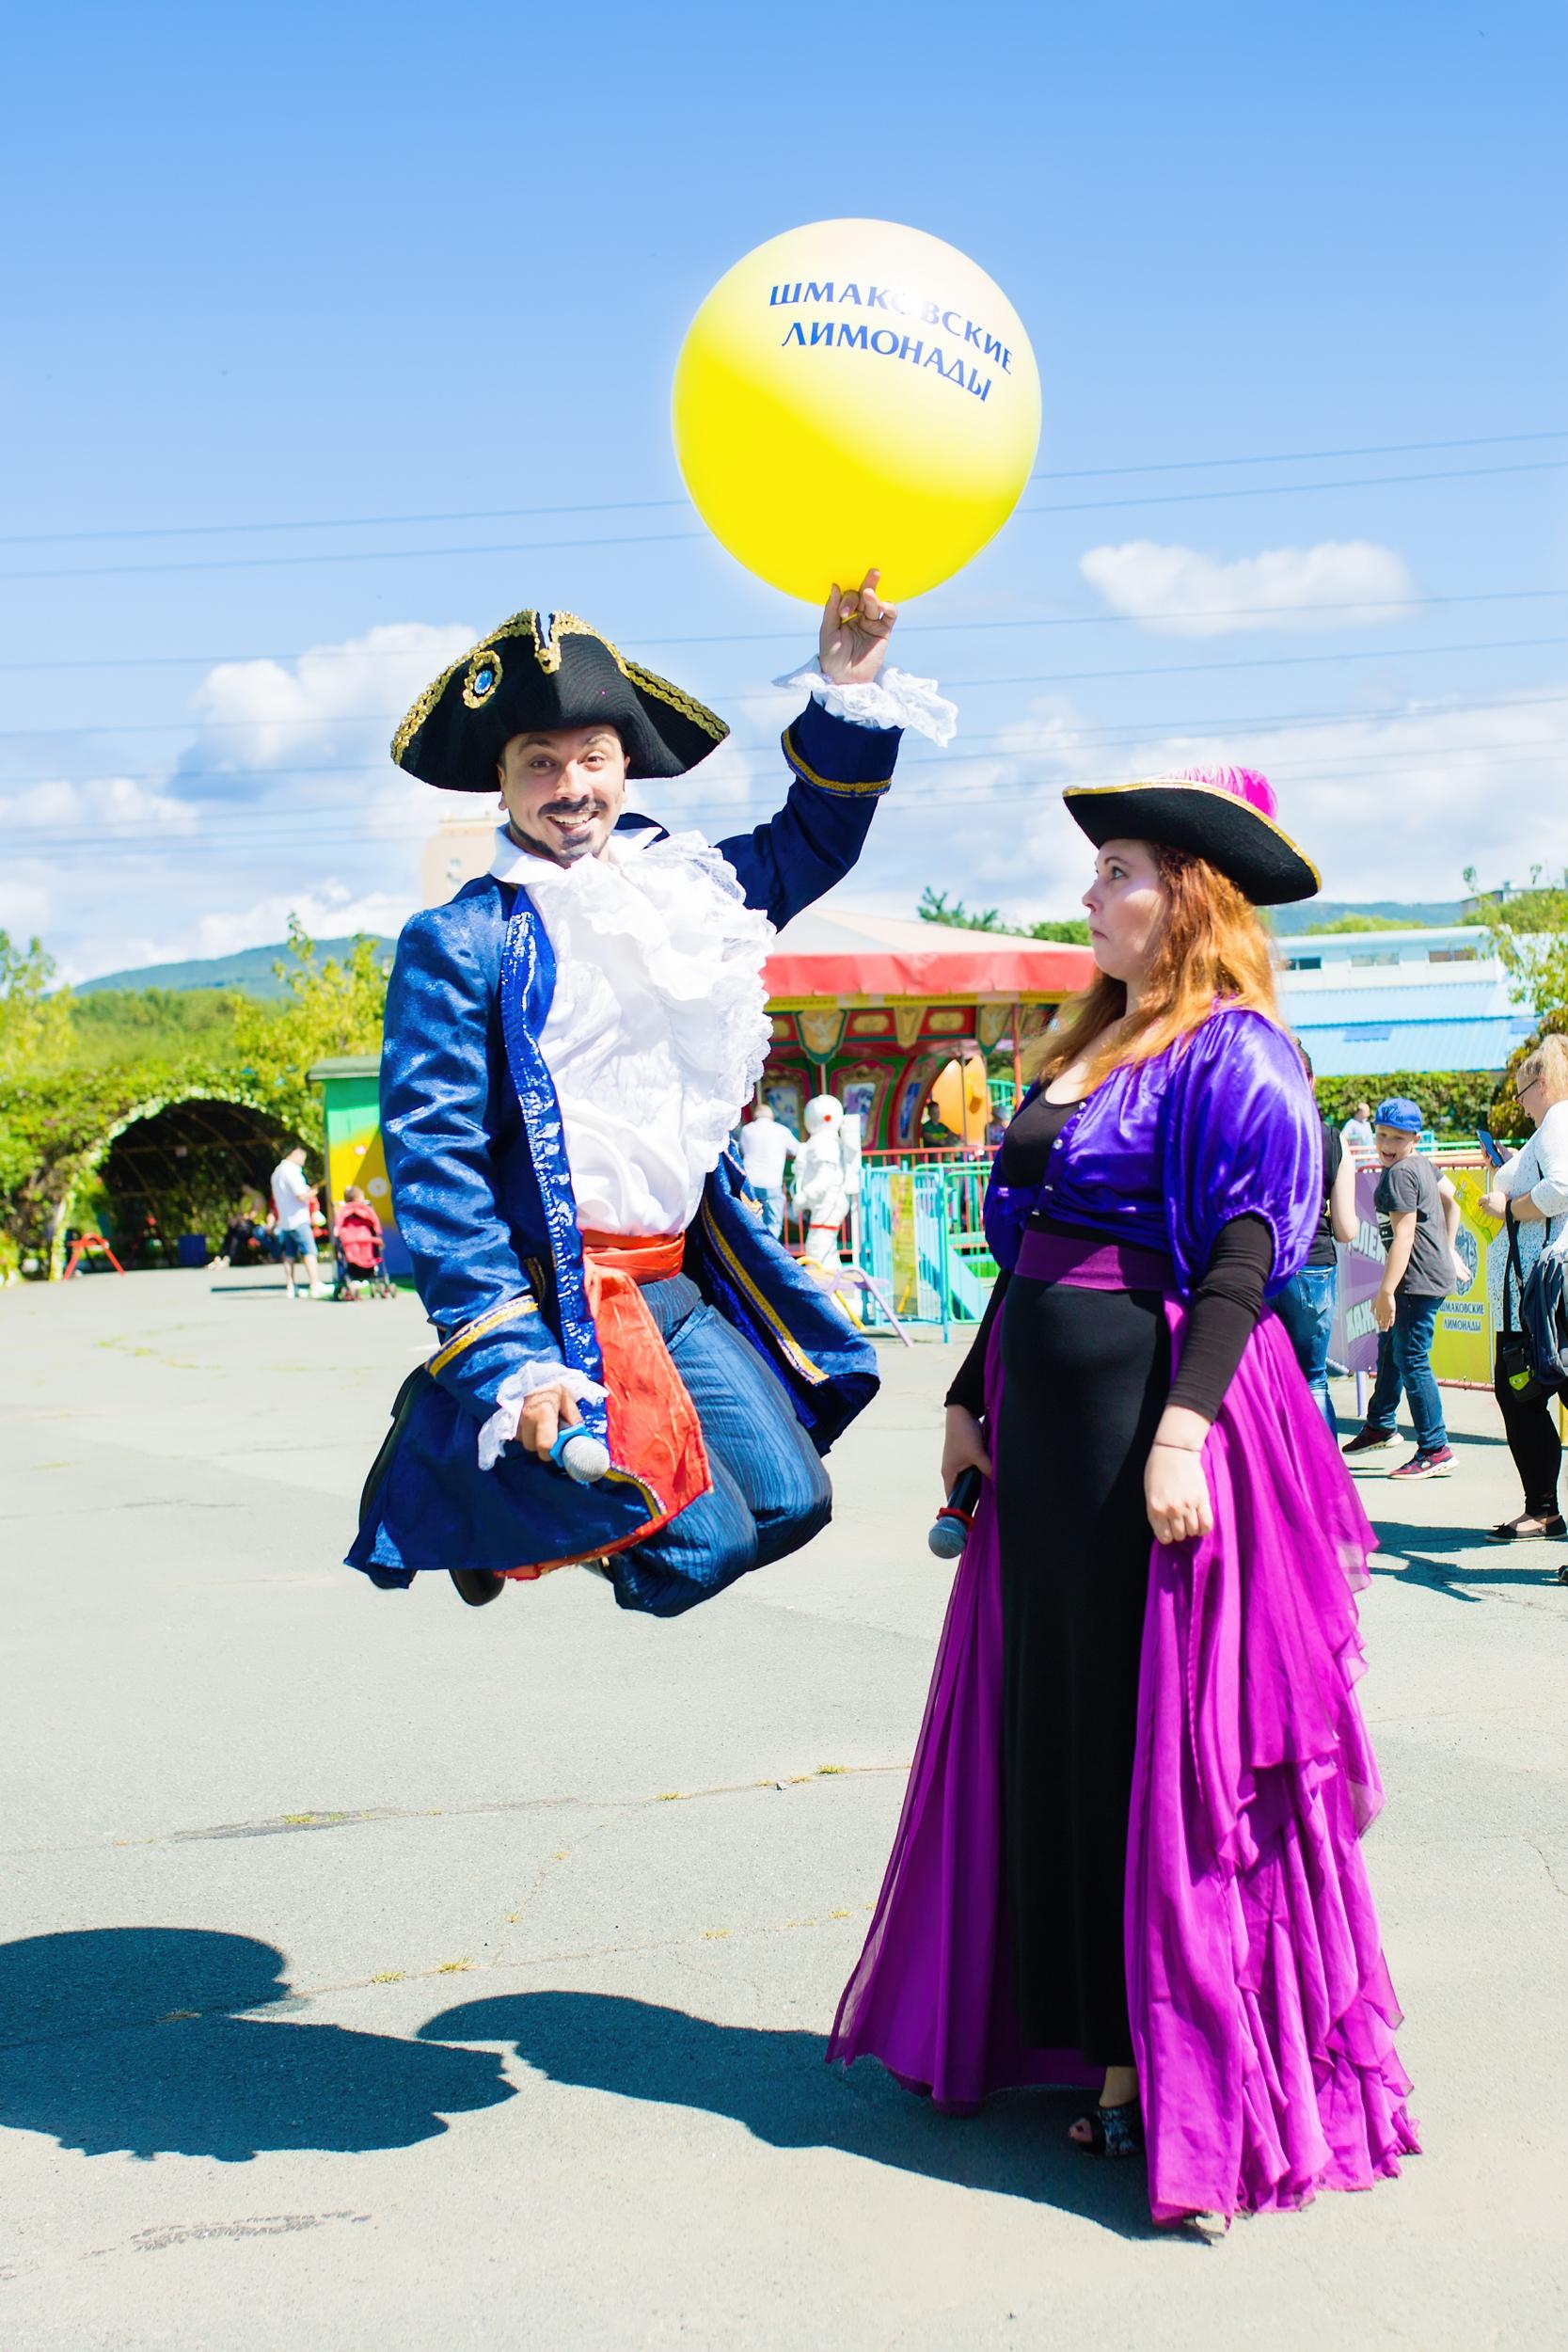 Грандиозный праздник от Шмаковских лимонадов в парке Фантазия